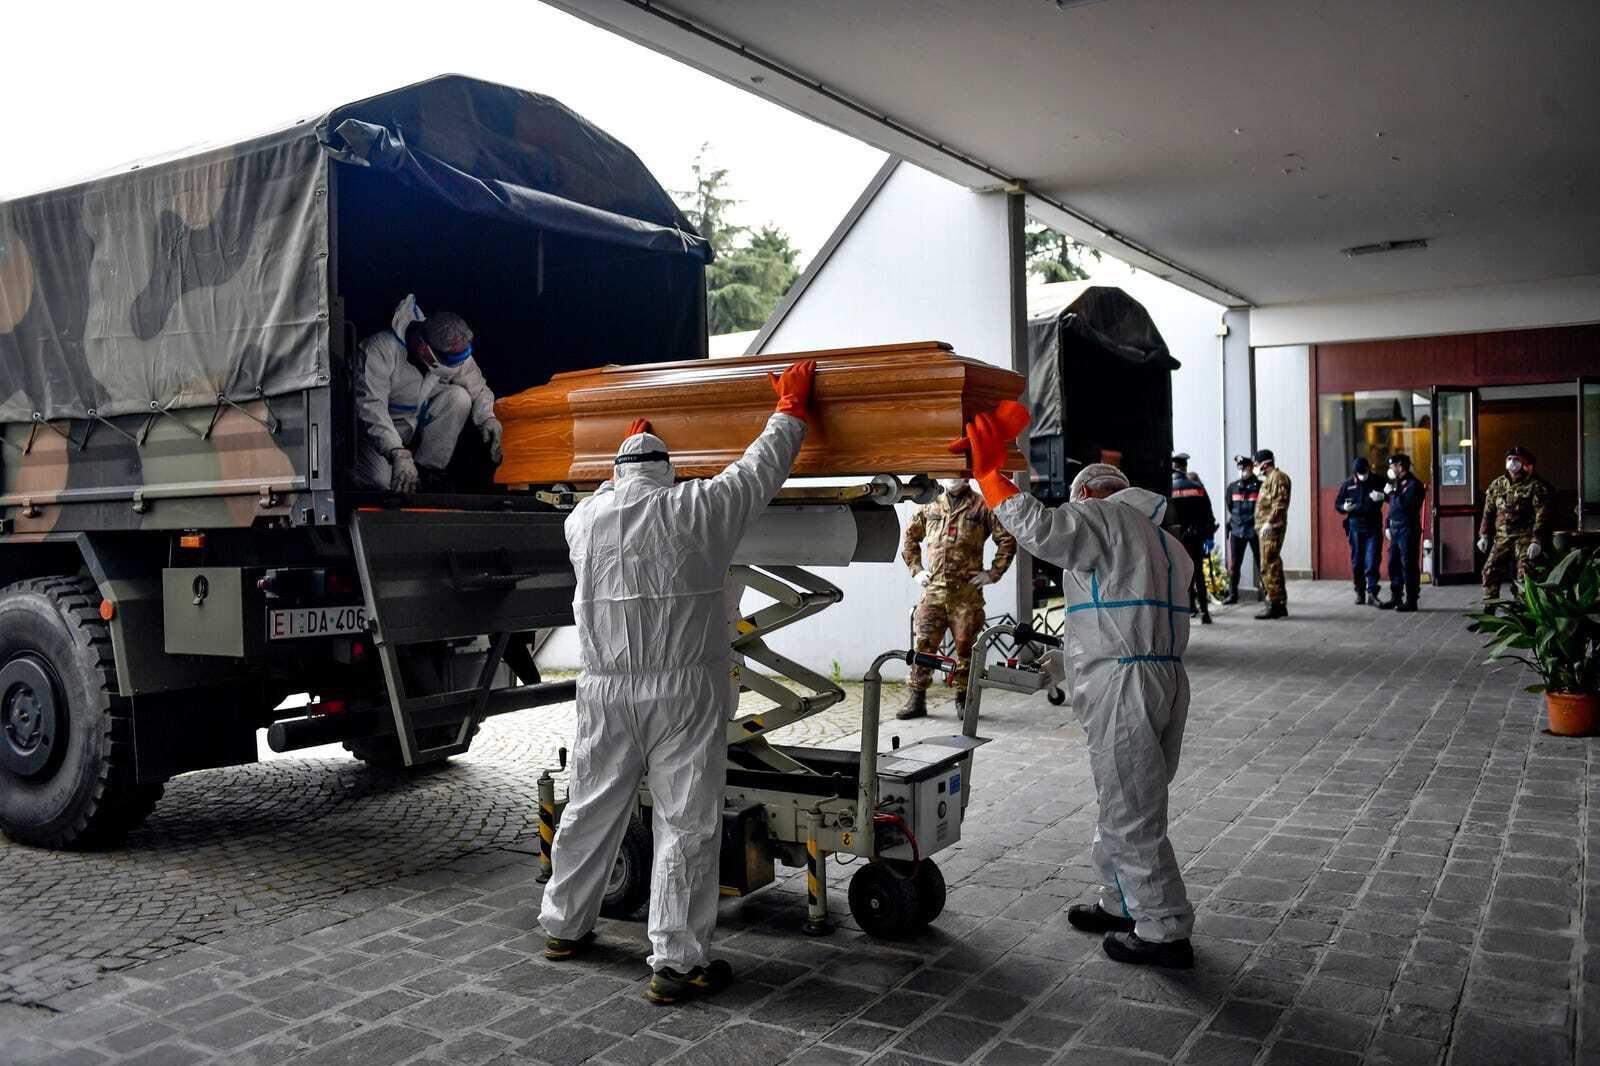 รวมวิธีจัดการศพในช่วงวิกฤตโควิด-19 จากทั่วโลก